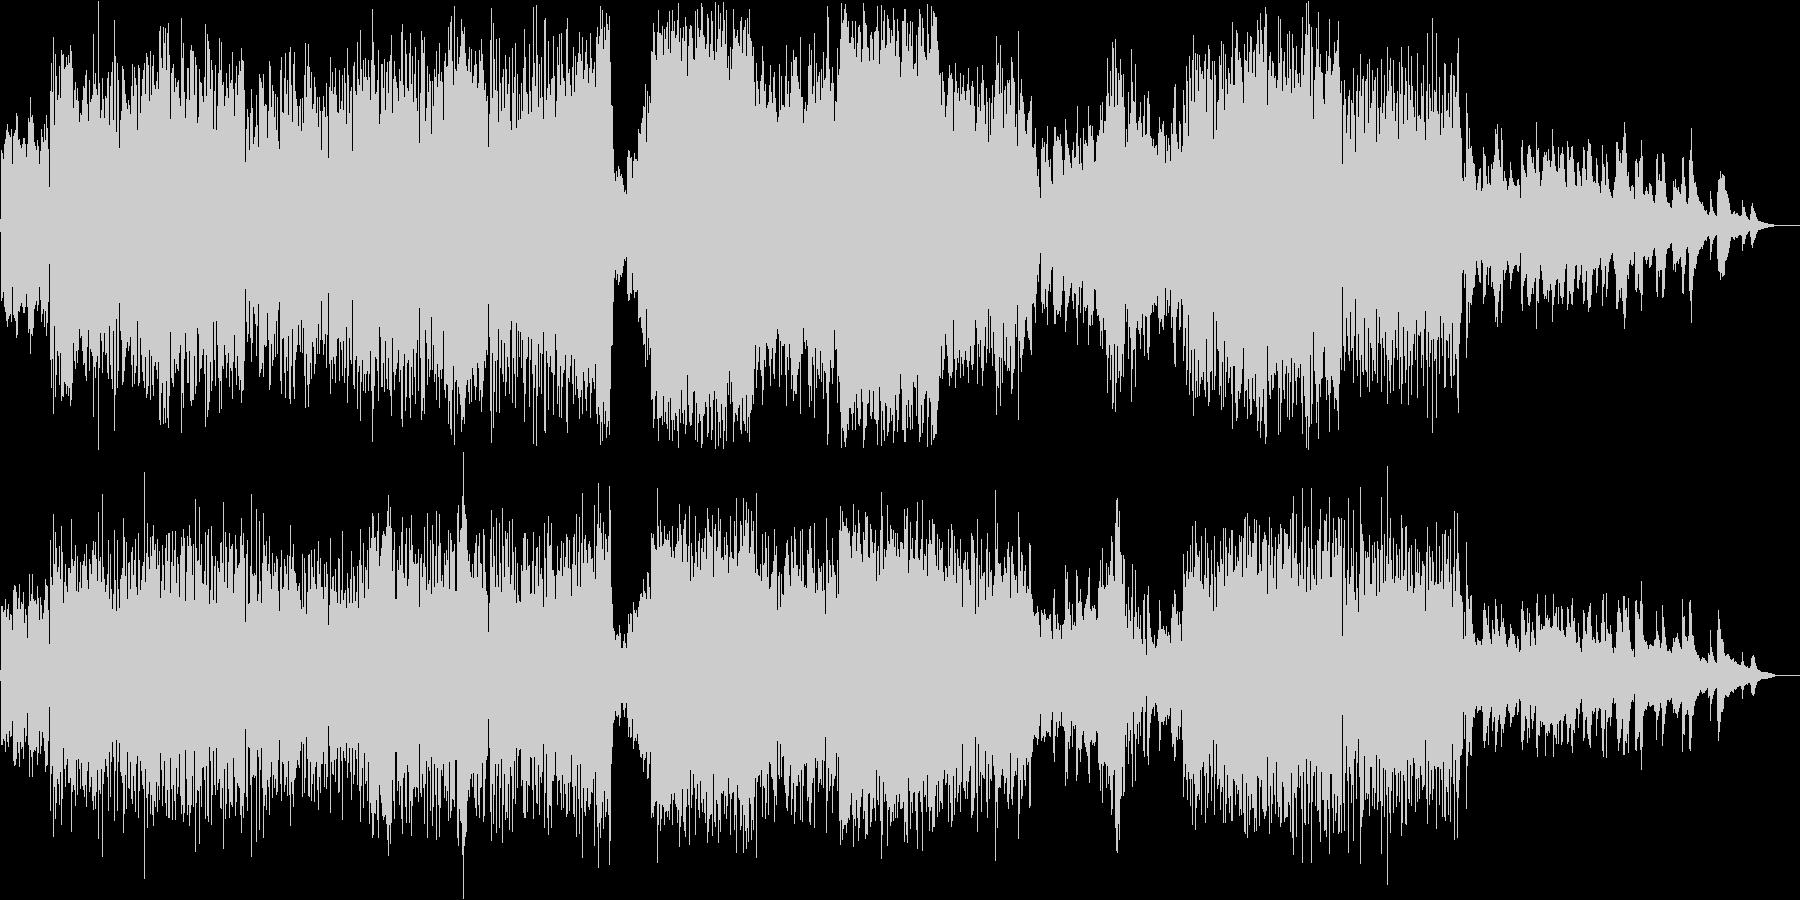 アイリッシュ ケルト カントリーの未再生の波形